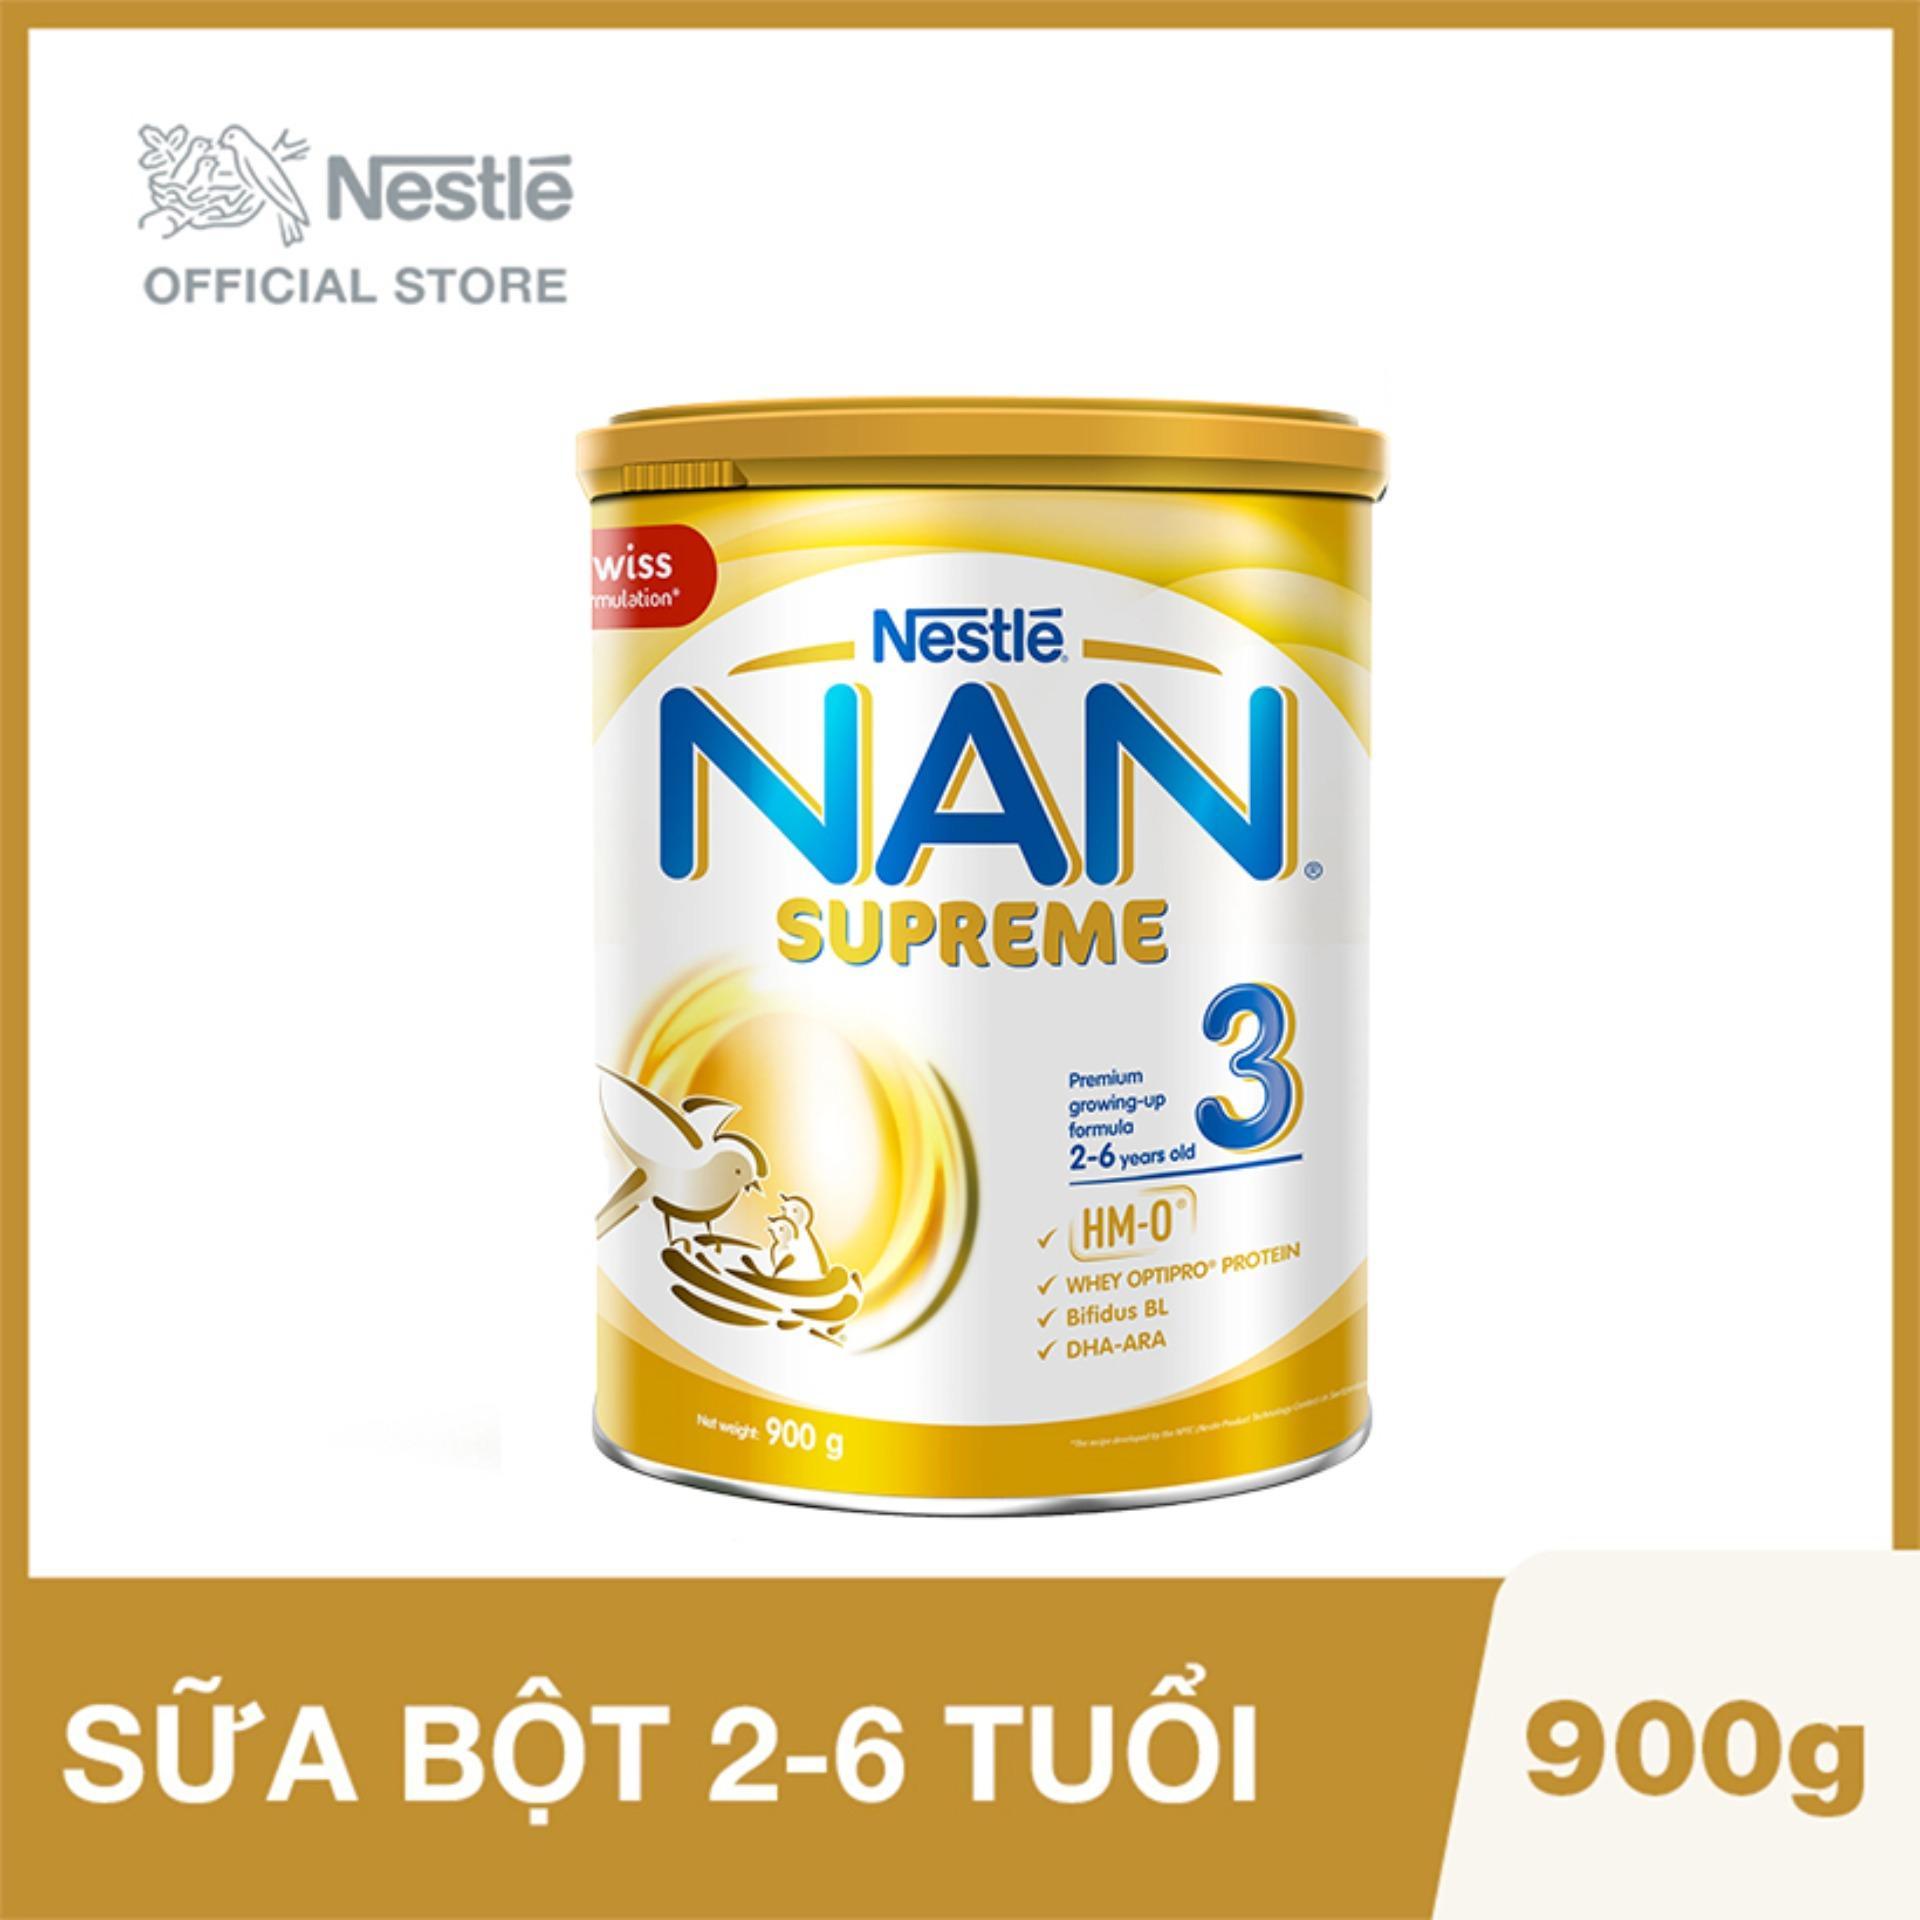 Sản phẩm dinh dưỡng công thức NAN SUPREME 3 - Lon 900g